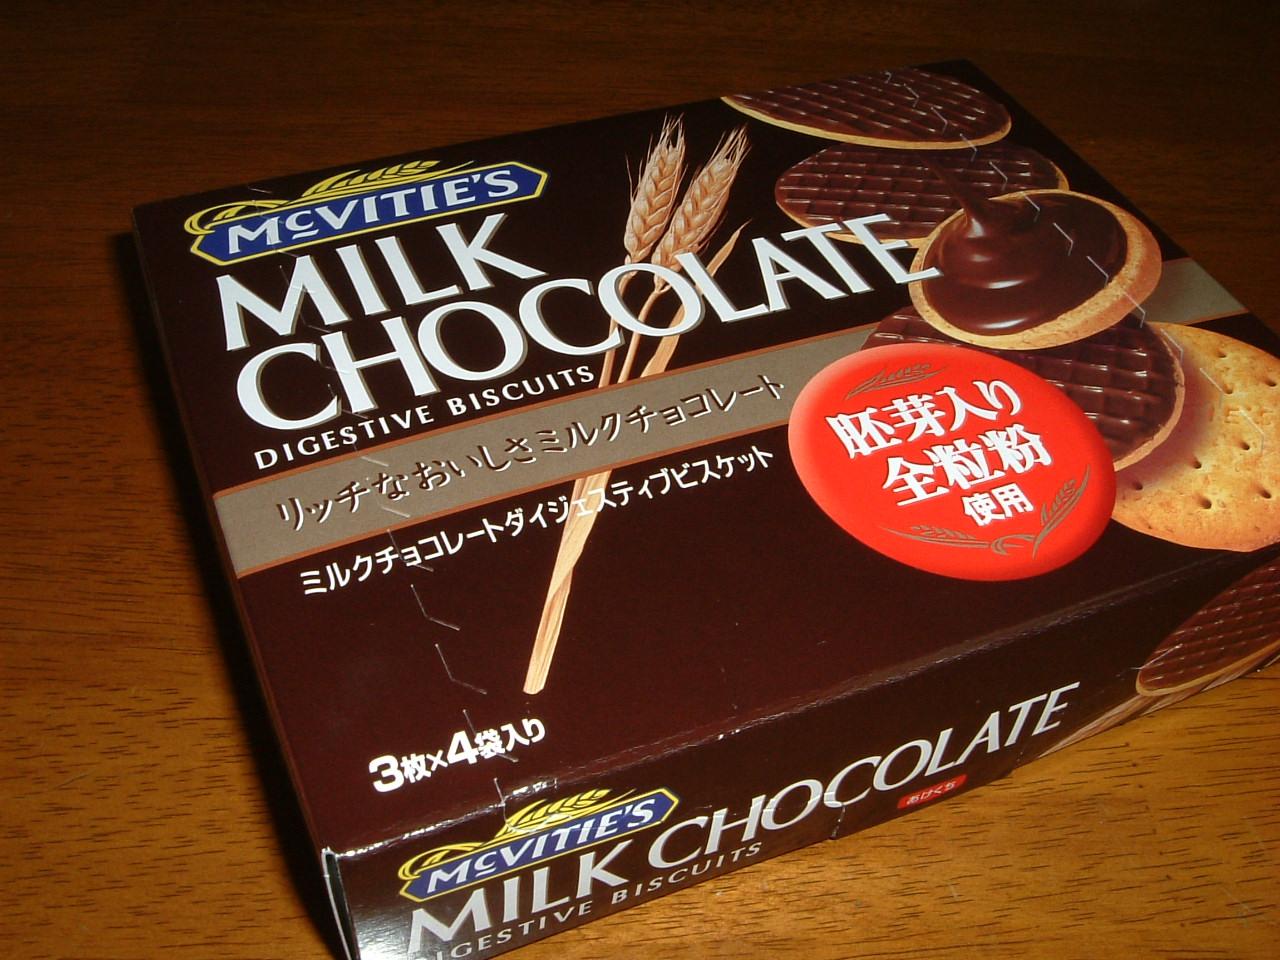 ミルクチョコレートダイジェスティブビスケット箱